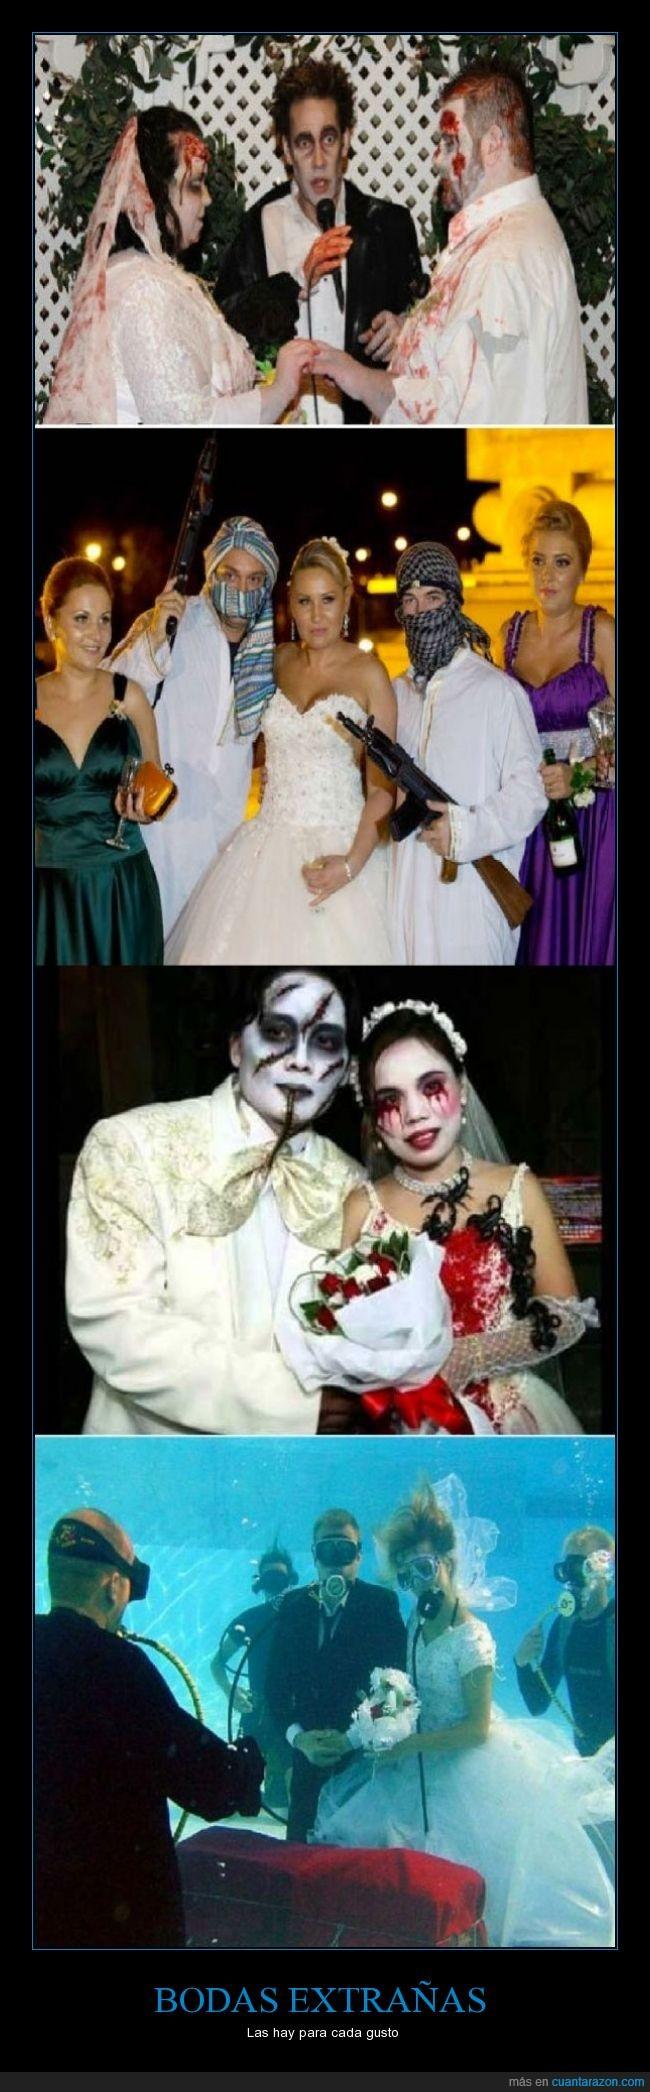 agua,arma,asiaticos,boda,extraño,matrimonio,pareja,temática,vampiro,zombie